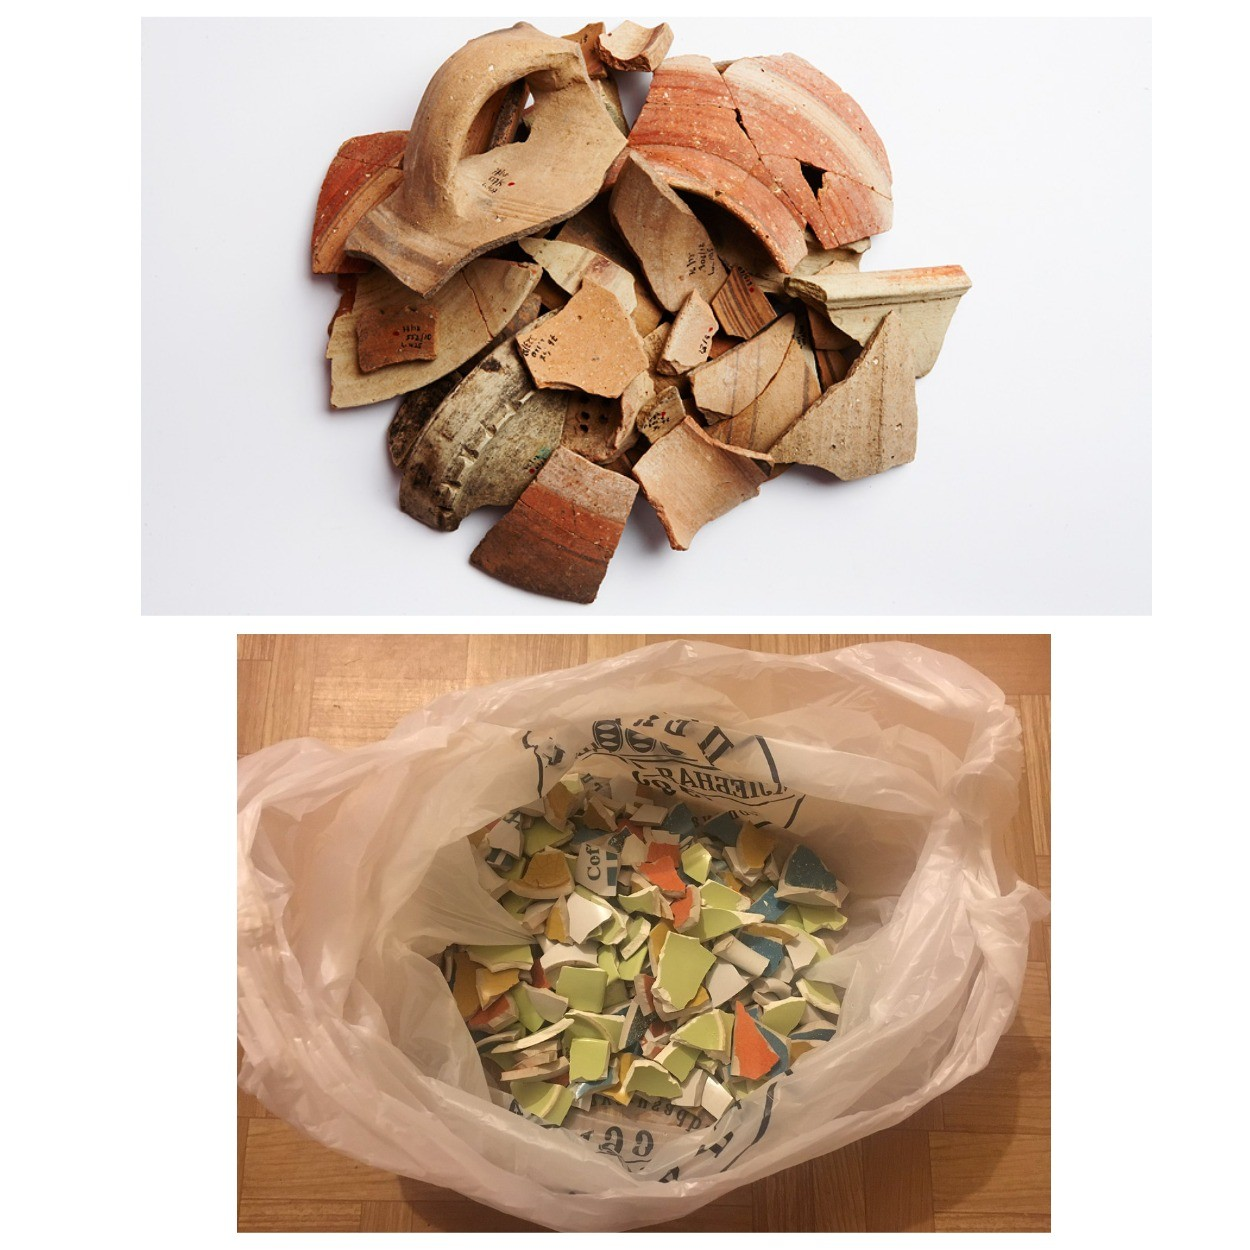 изображение битой керамики для дренажа